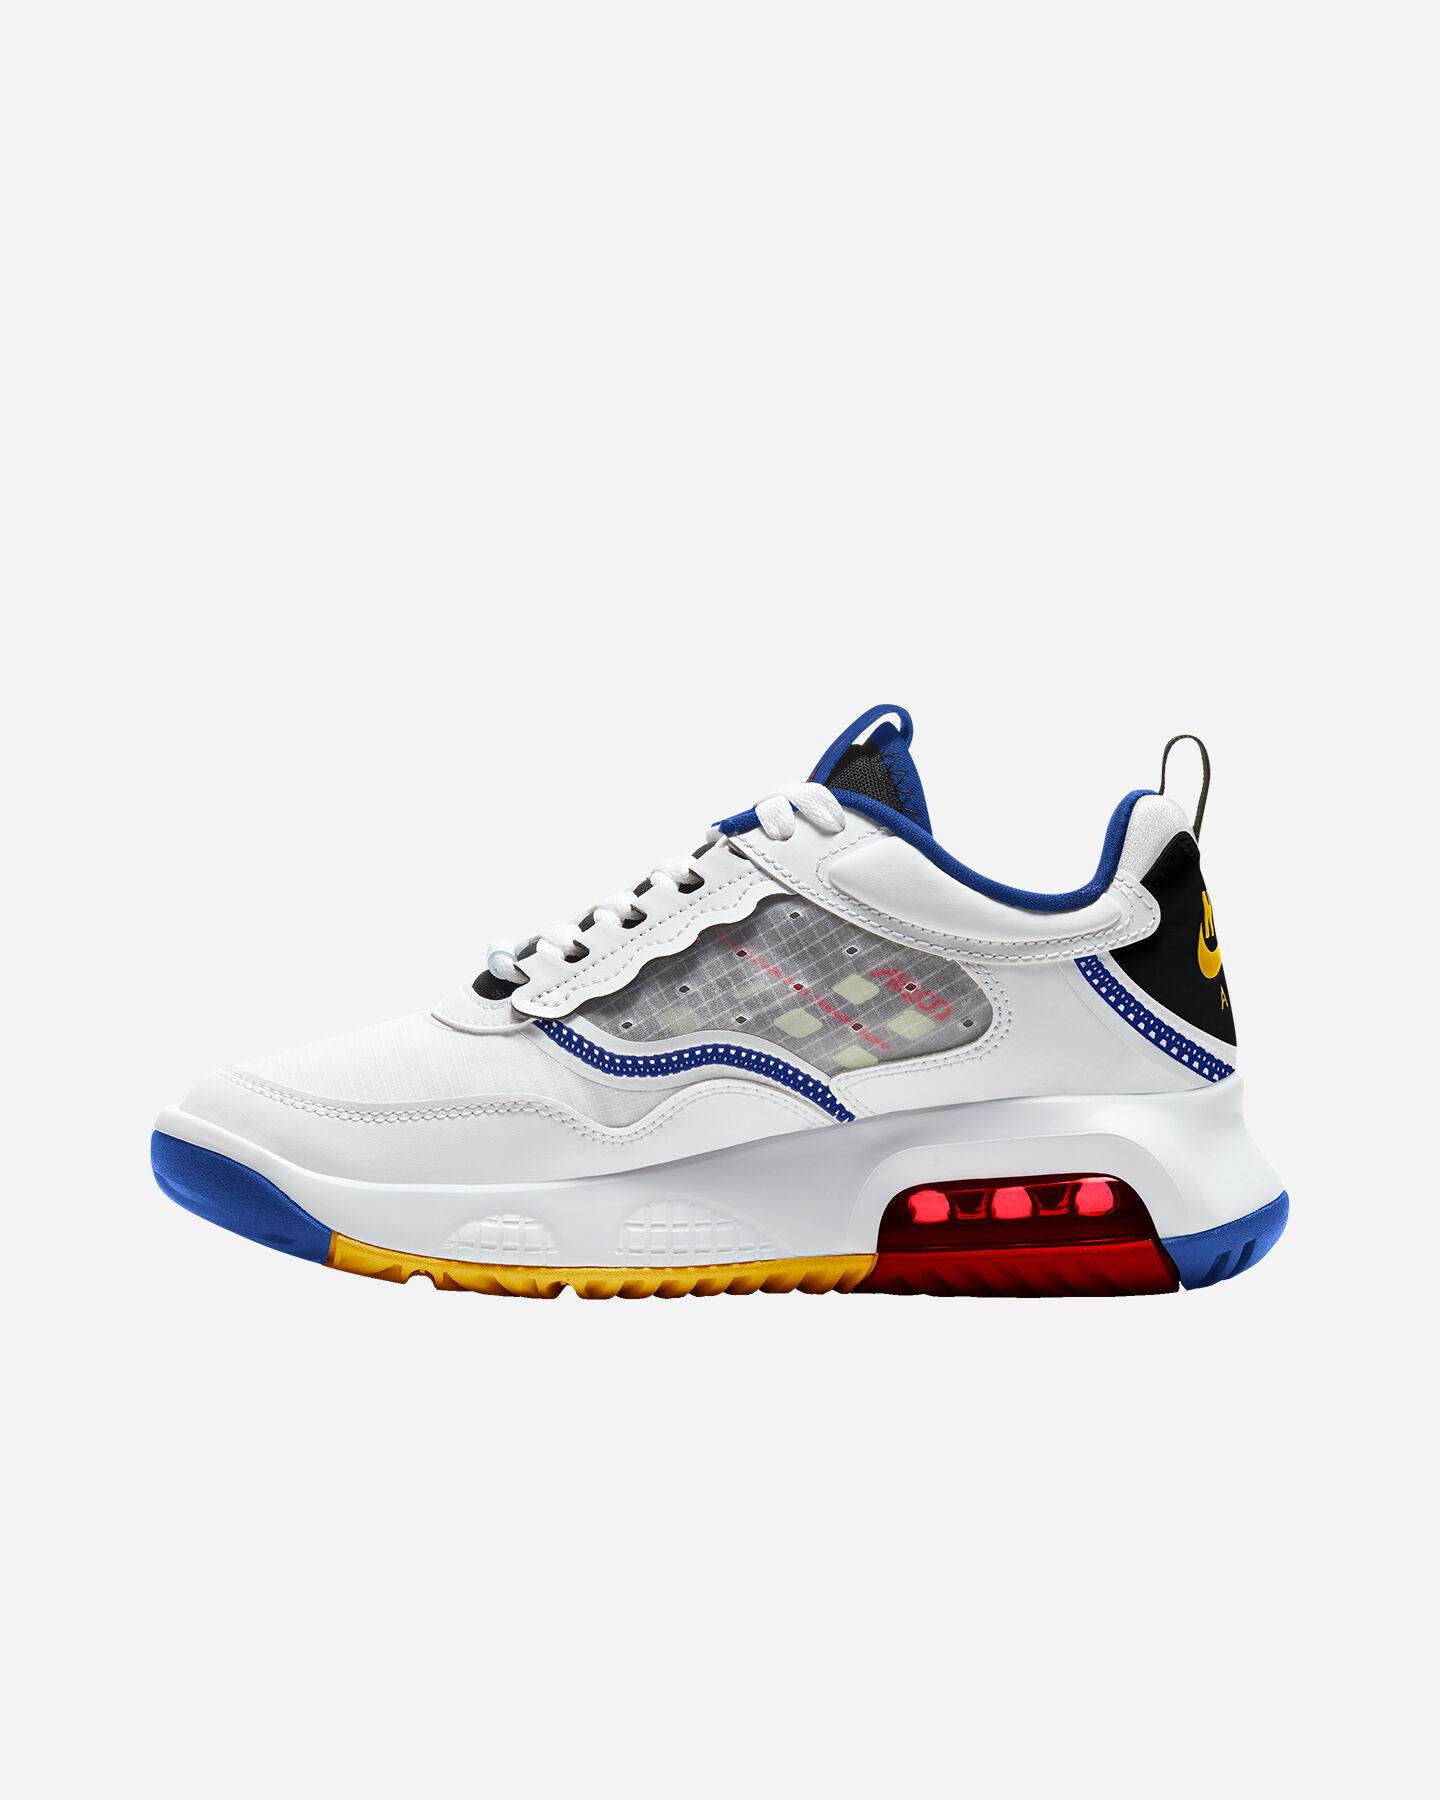 Scarpe sneakers NIKE JORDAN MAX 200 GS JR S5223492 scatto 2